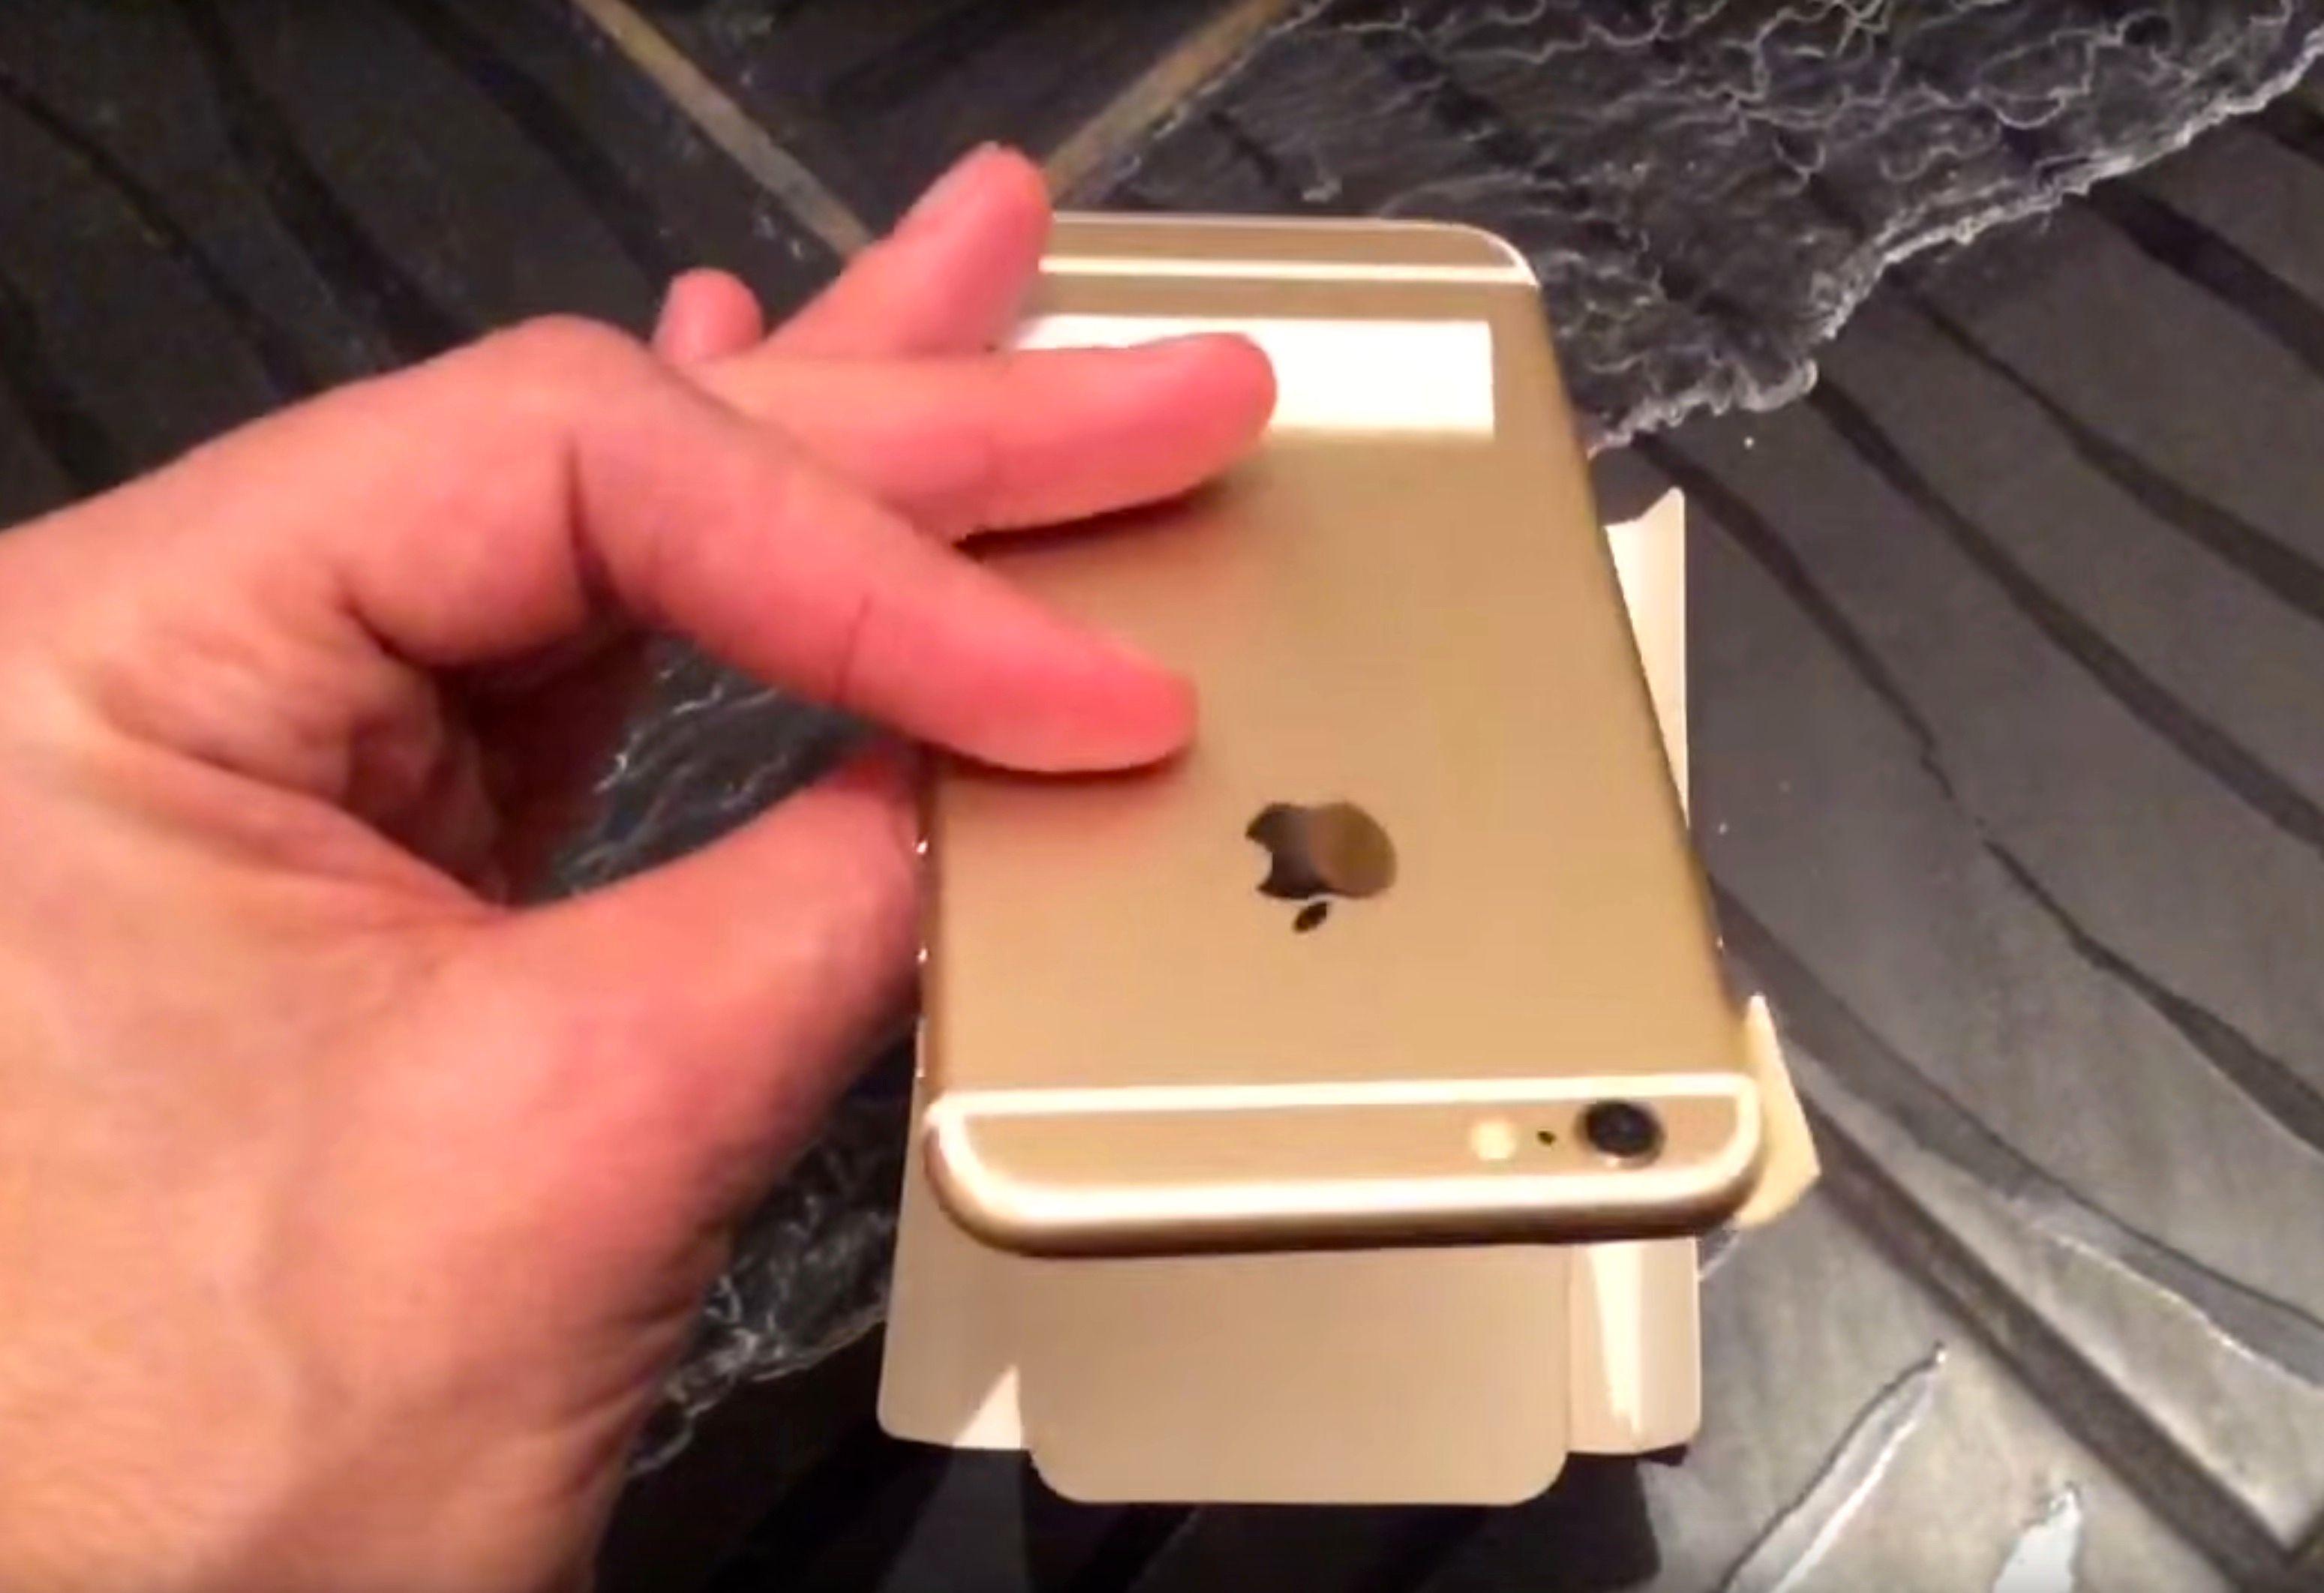 Slik ser iPhone 6C ut på baksiden i den ferske videoen.